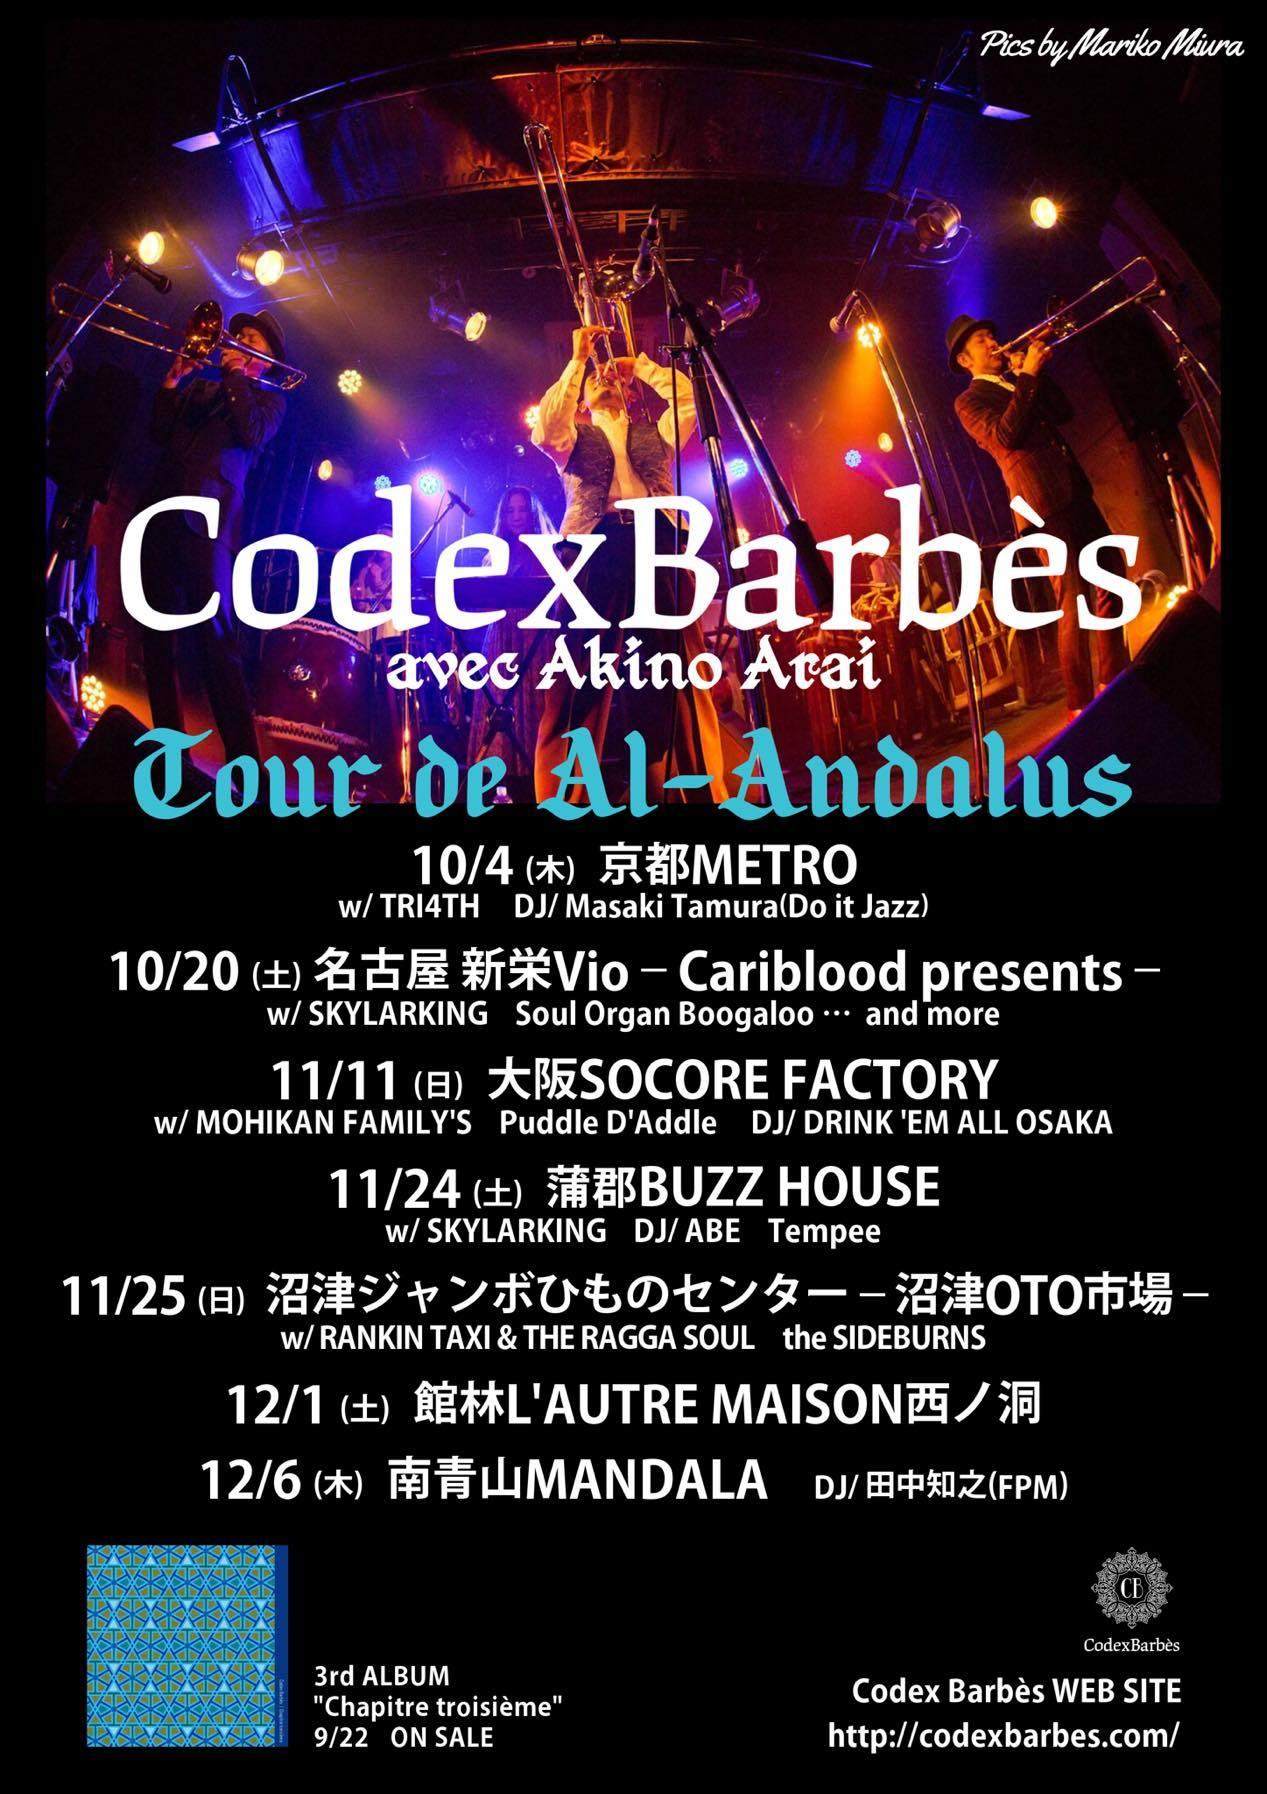 〜Tour de Al-Andalus〜 Codex Barbès 3rd Album『Chapitre troisième』Release Tour_b0123708_08410257.jpeg